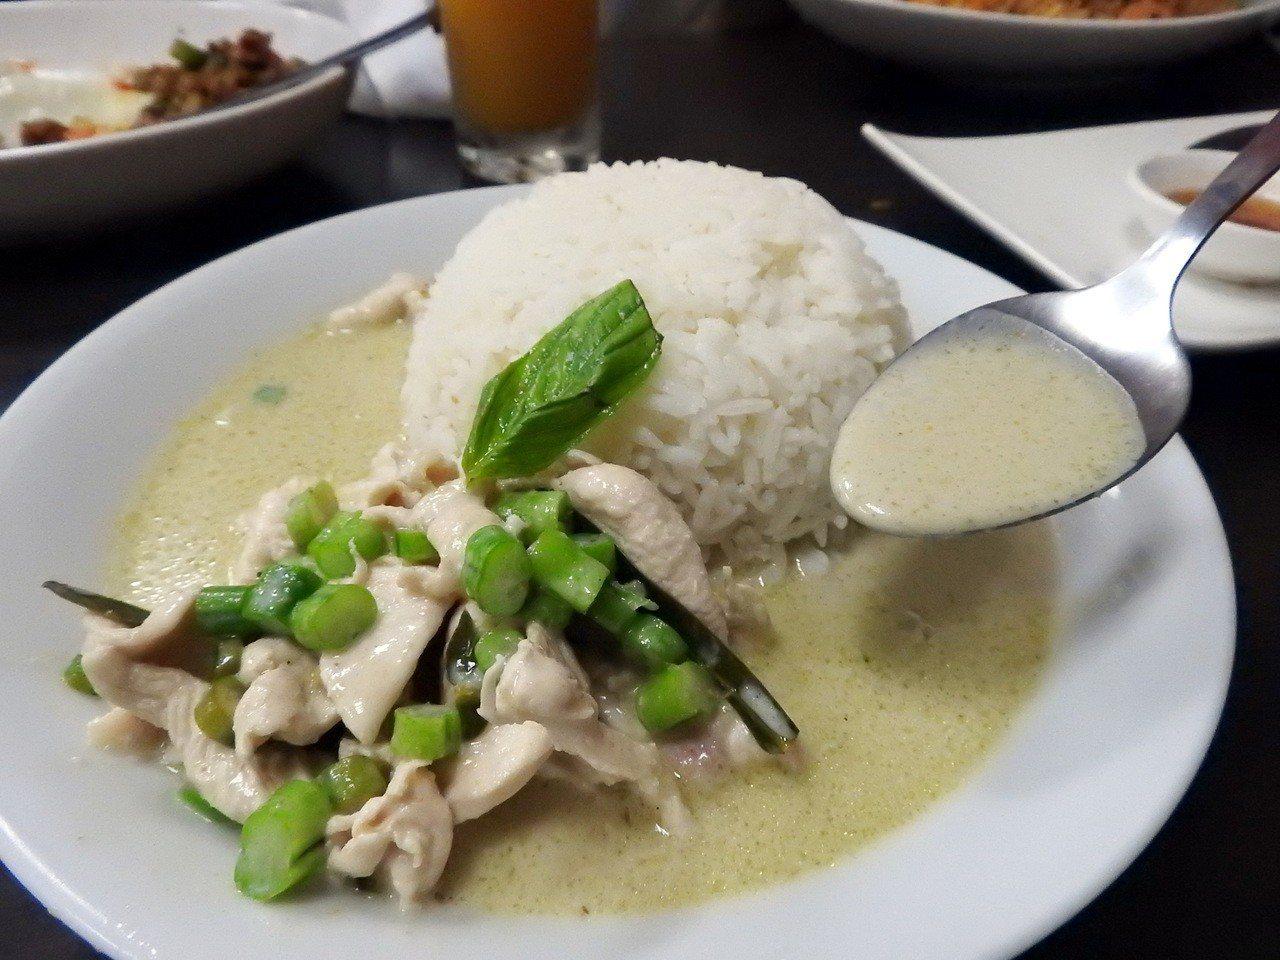 泰樂泰國料理的綠咖哩雞肉飯。記者祁容玉/攝影